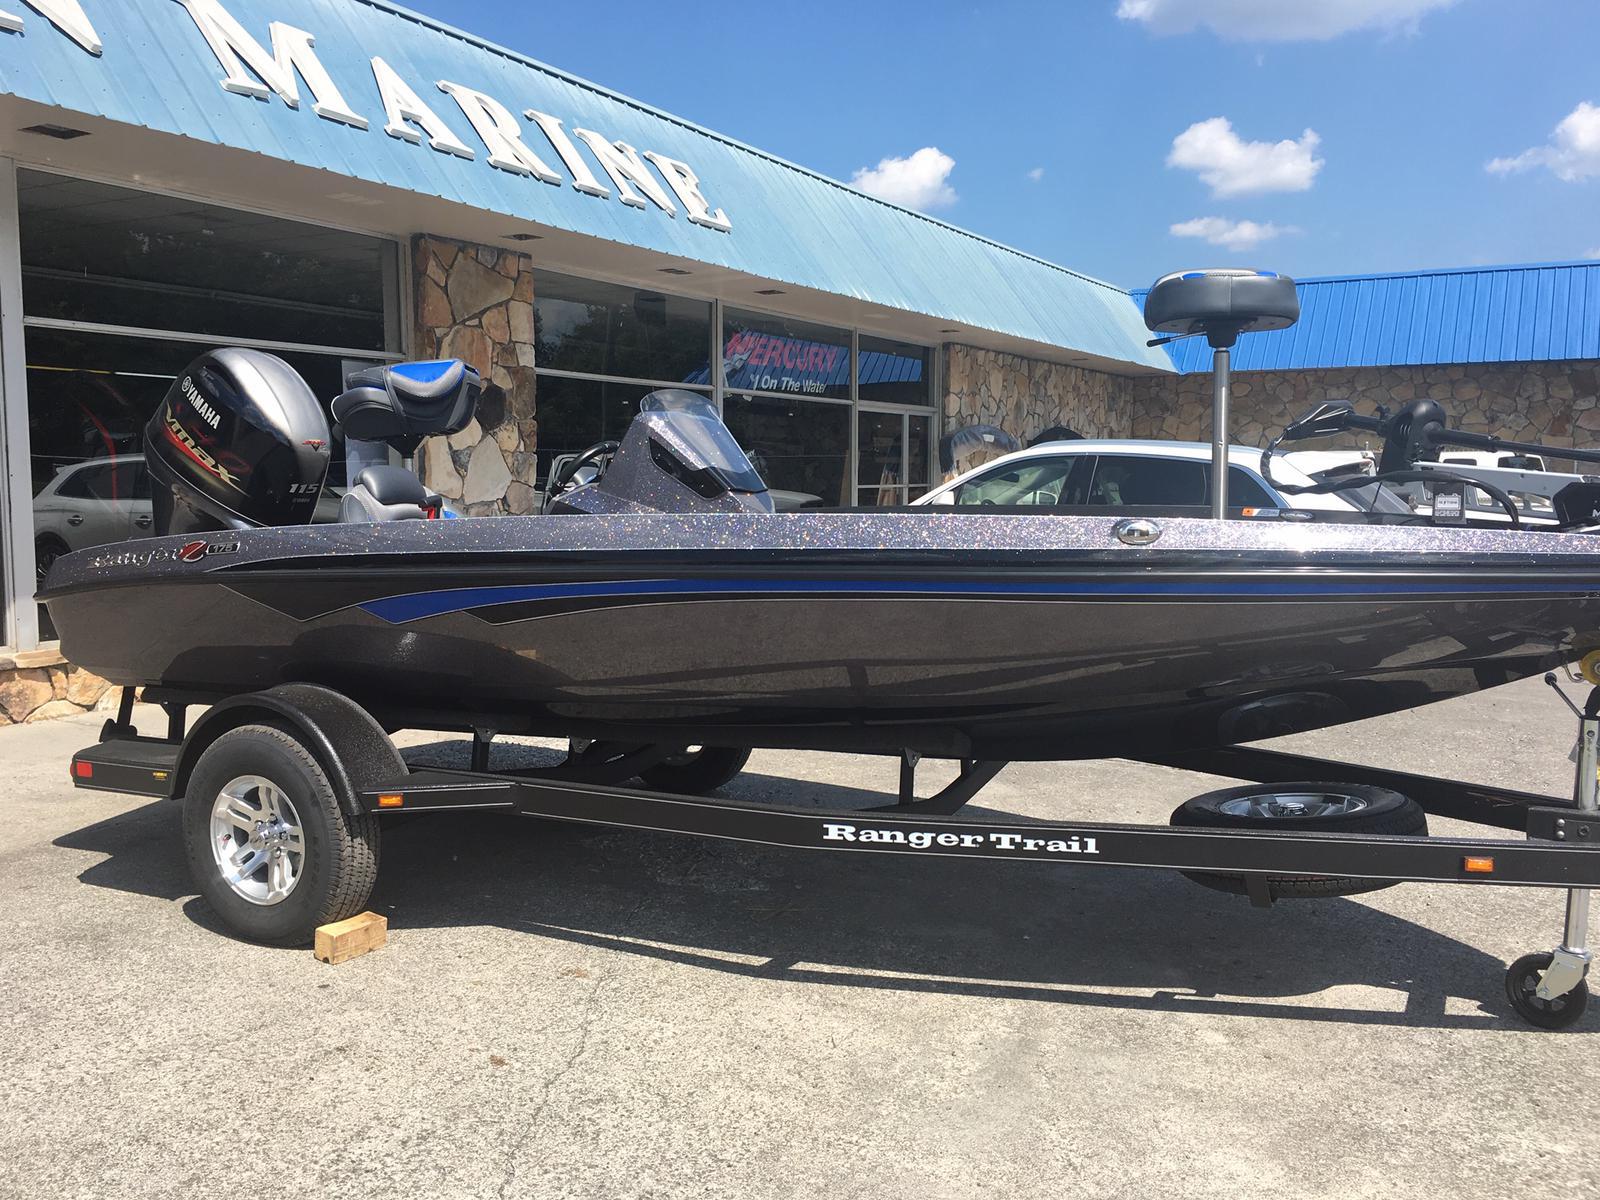 2020 Ranger Z175 for sale in Dalton, GA. Dalton Marine Inc.